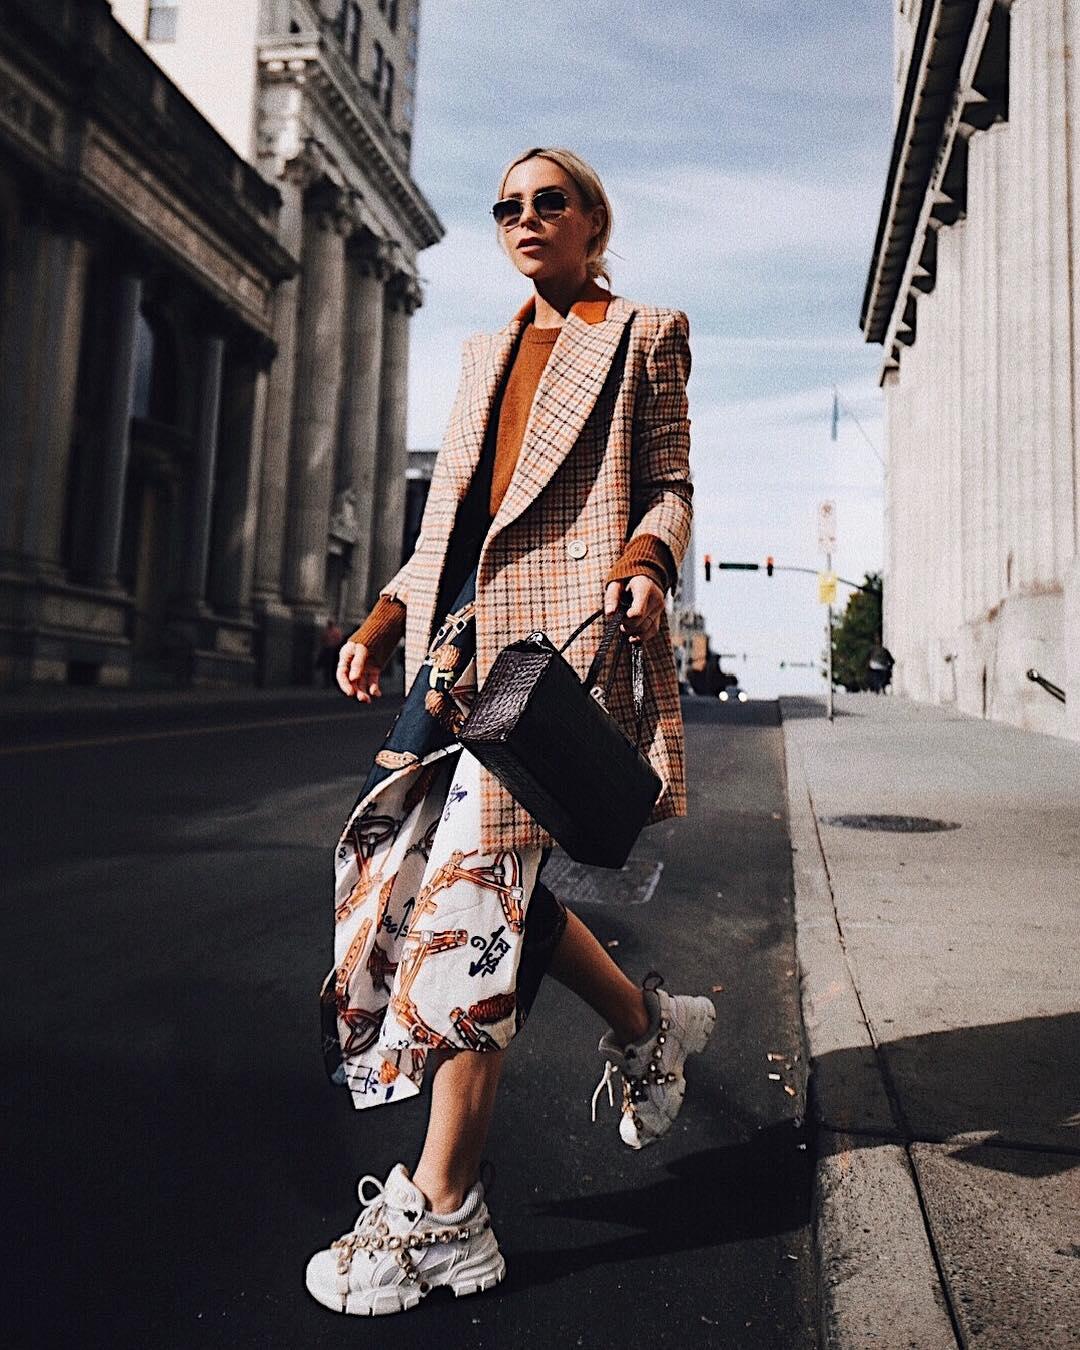 Модные тренды 2018, которые будут уже неактуальны в 2019